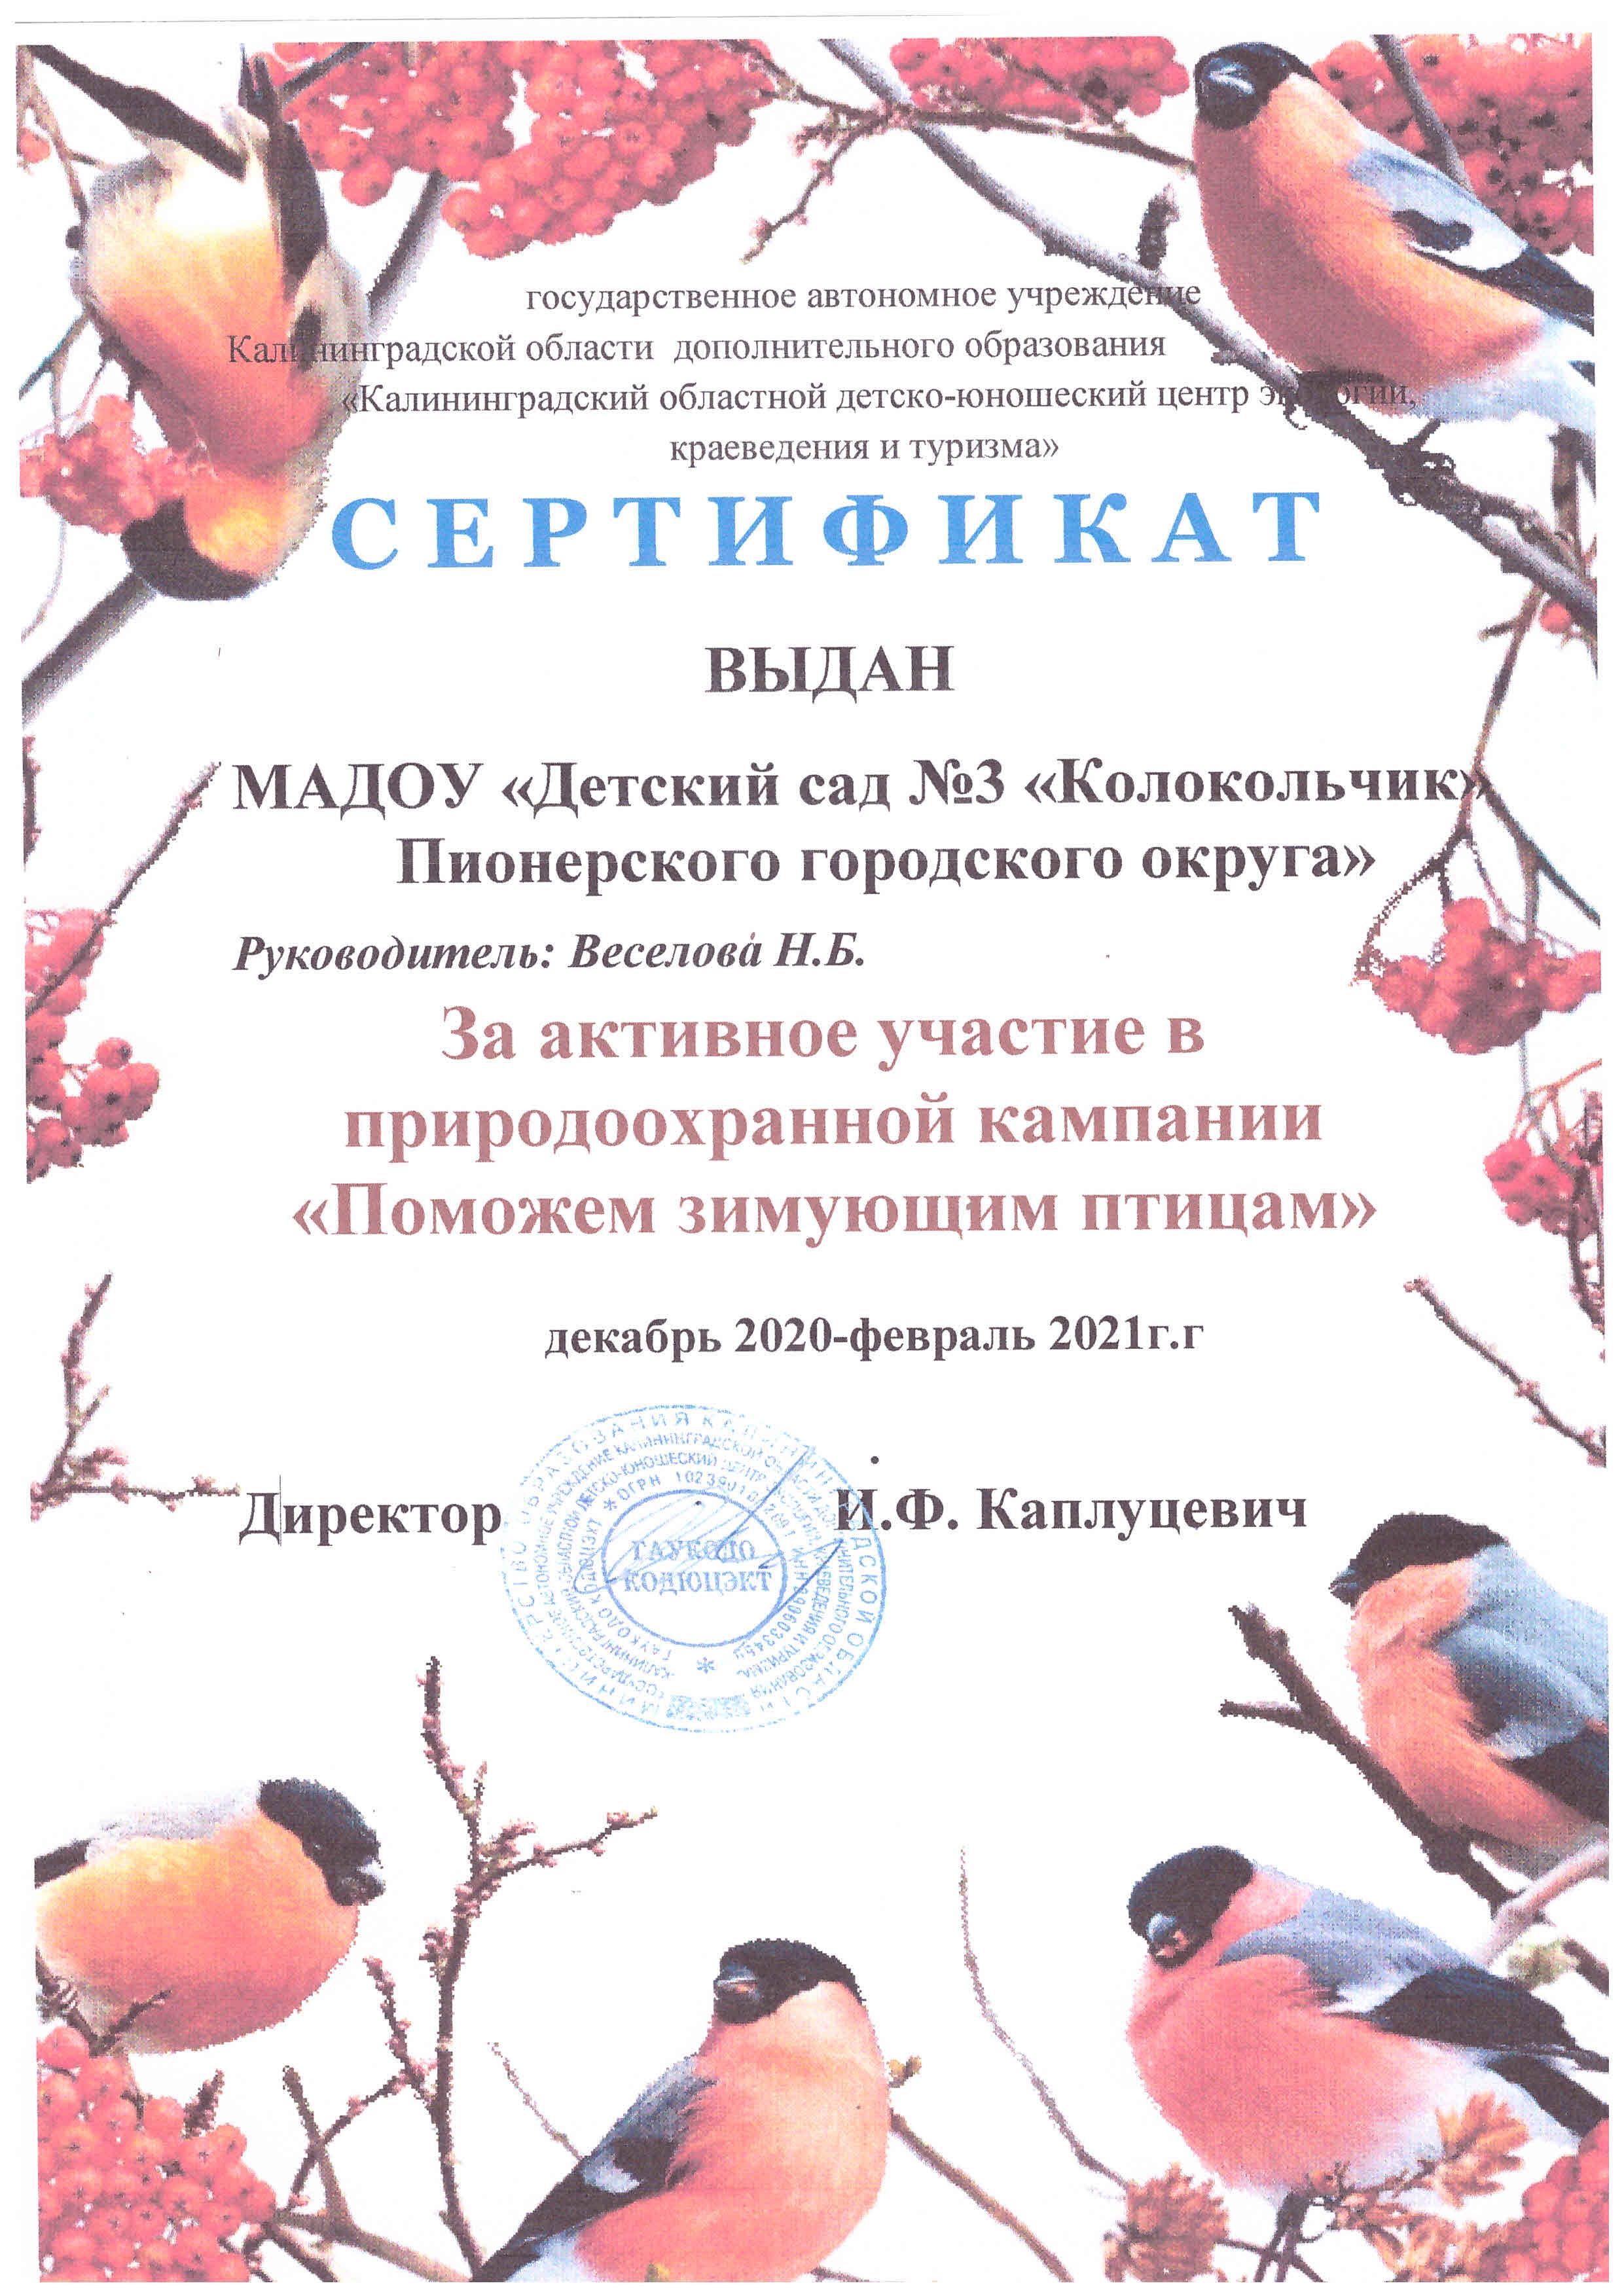 Сертификат Птицы 2021